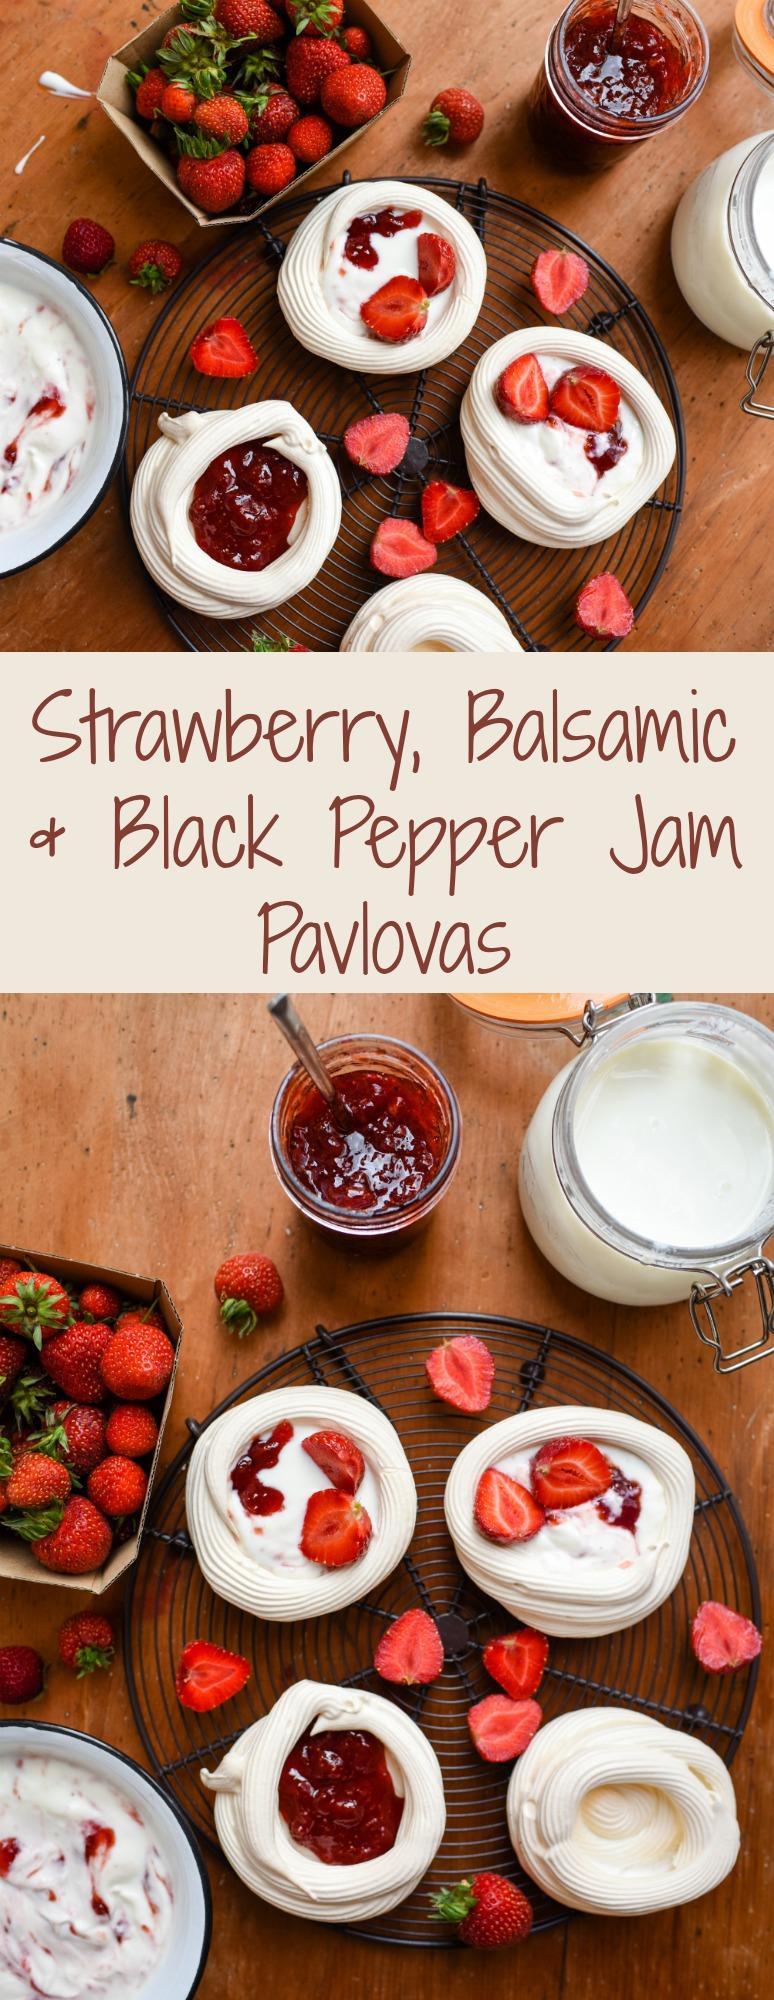 Strawberry, balsamic & black pepper jam pavlova | Patisserie Makes Perfect